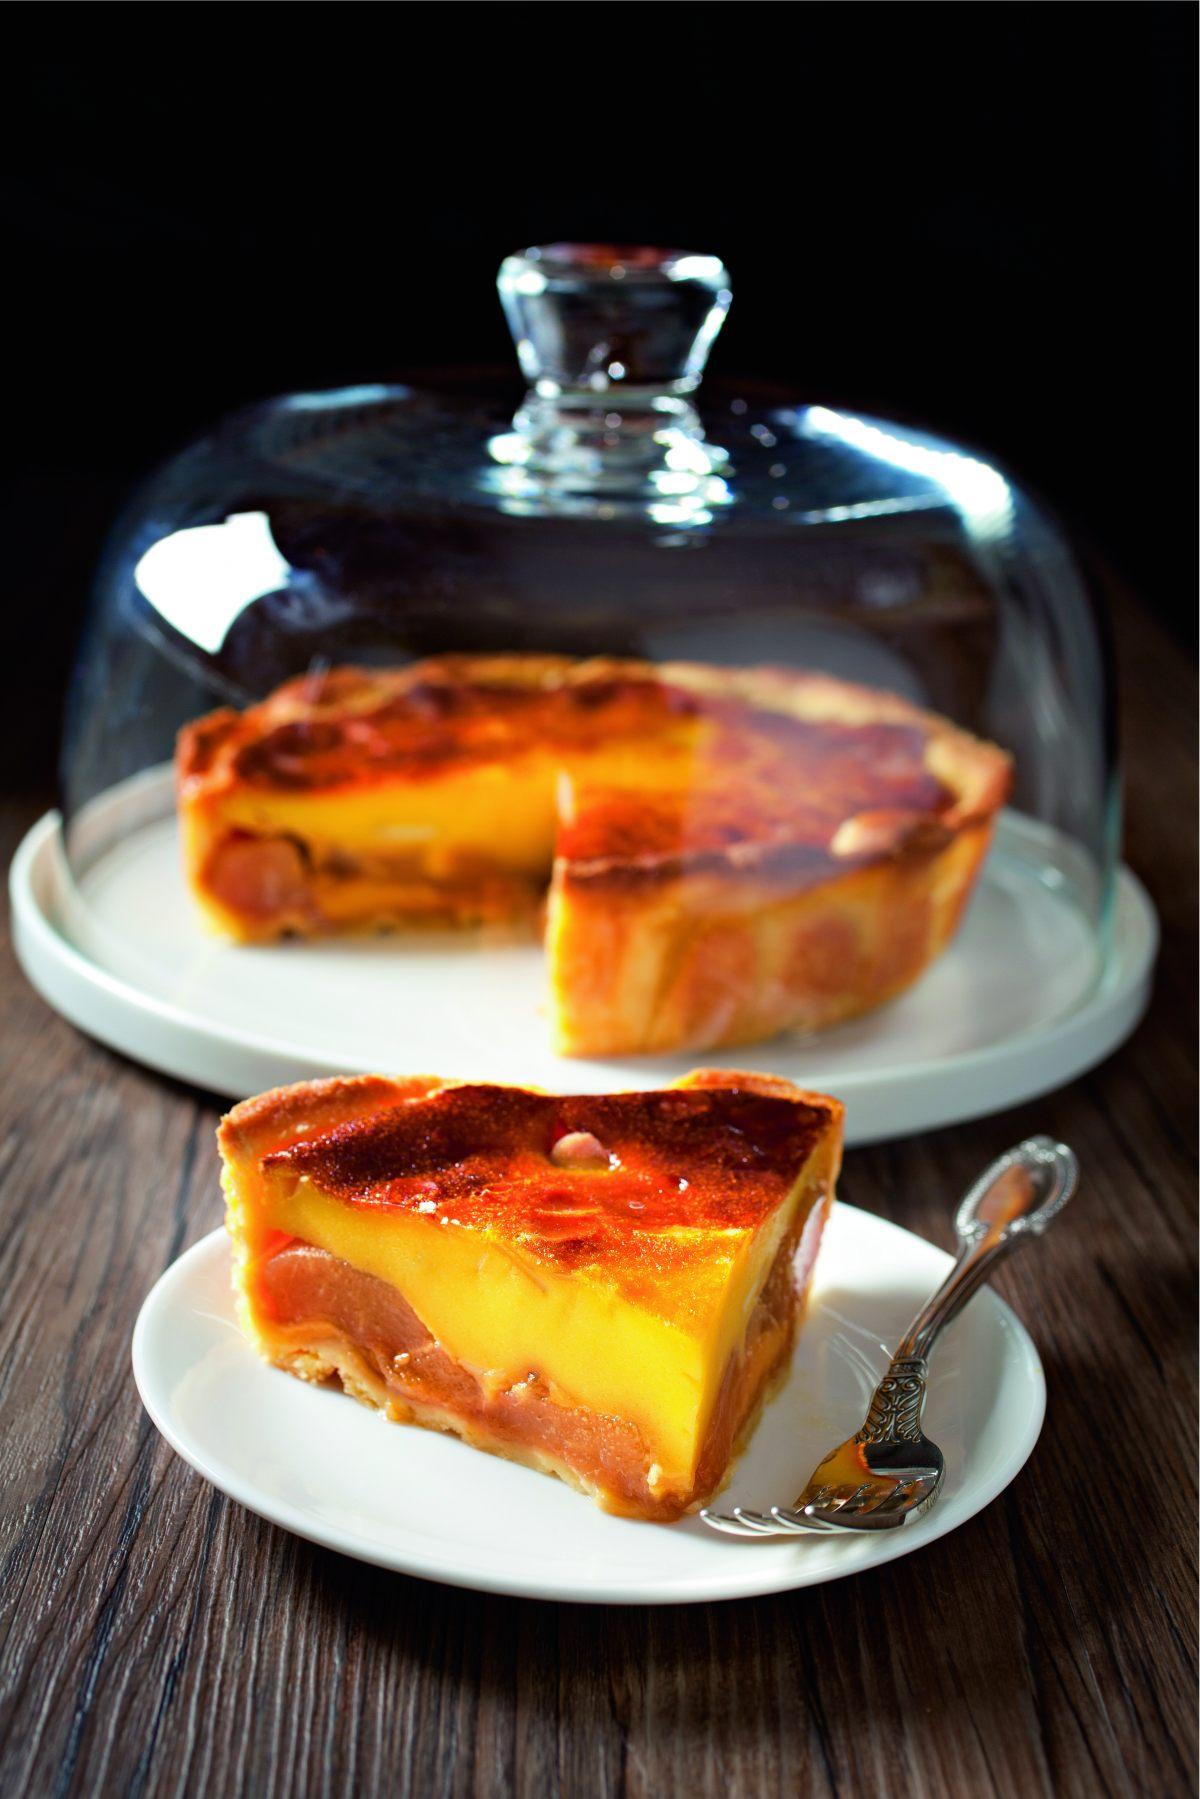 Recette de clafoutis de poires au miel de robuchon par sophie - Offrir un cours de cuisine avec cyril lignac ...